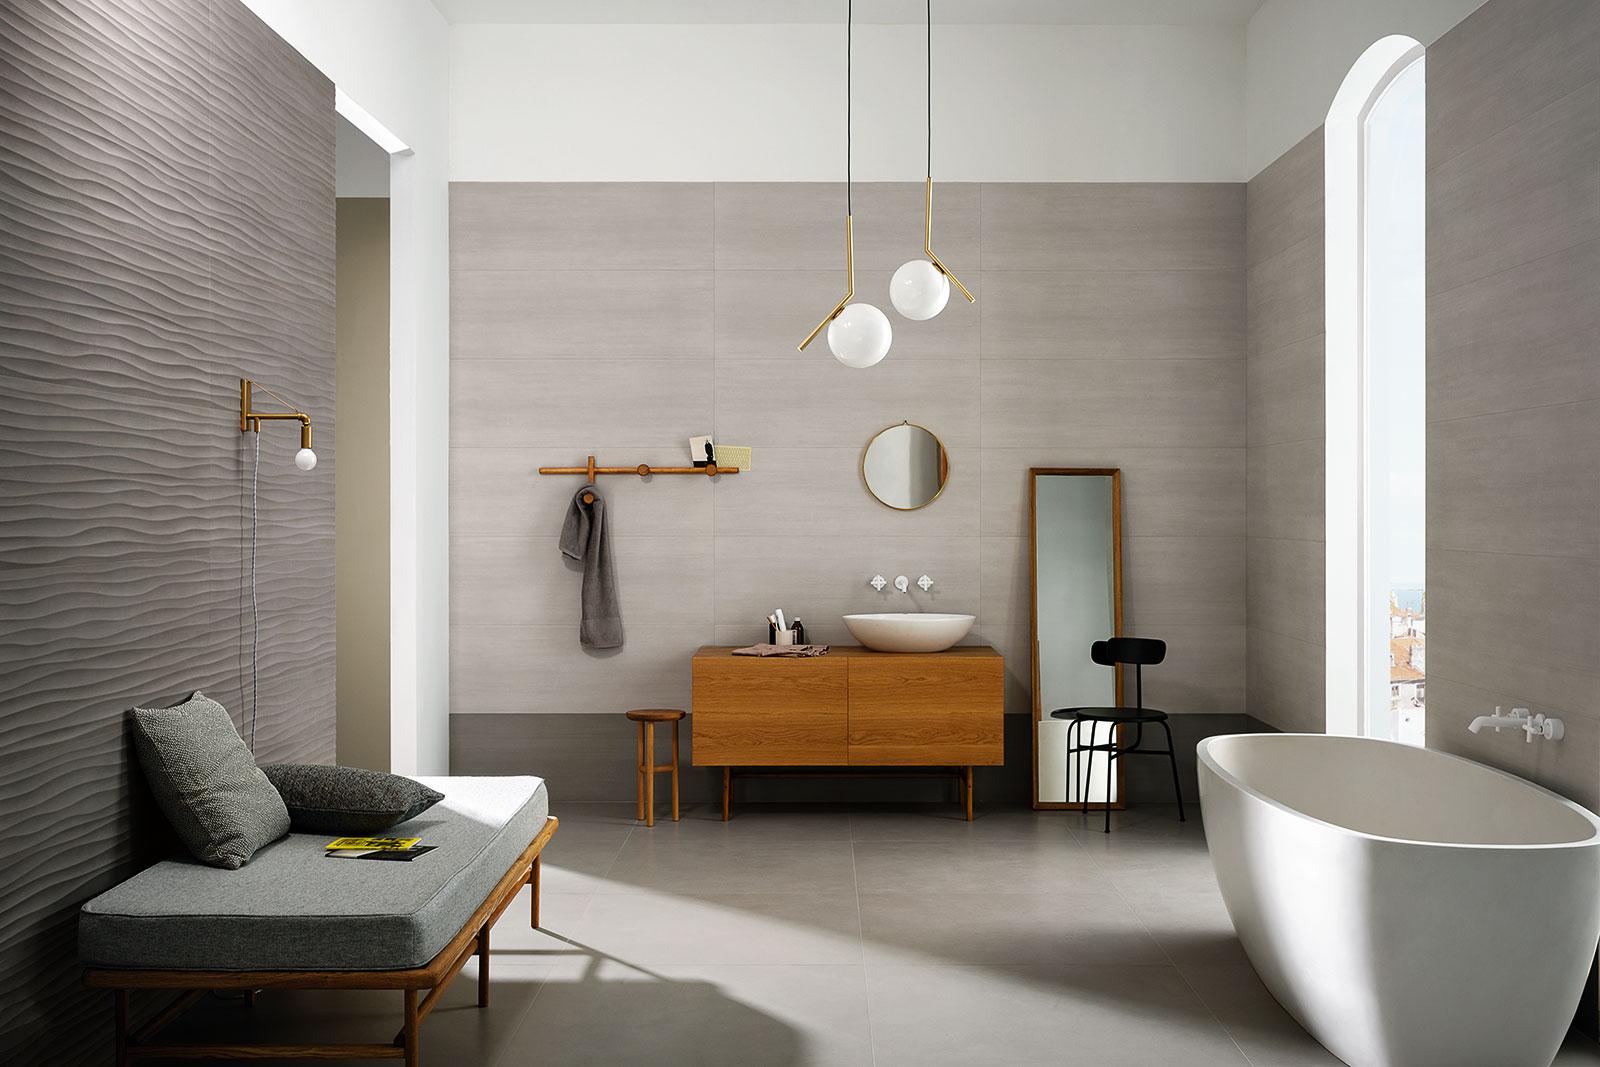 Carrelage salle de bain c ramique et gr s c rame marazzi for Carrelage petit carreau salle de bain